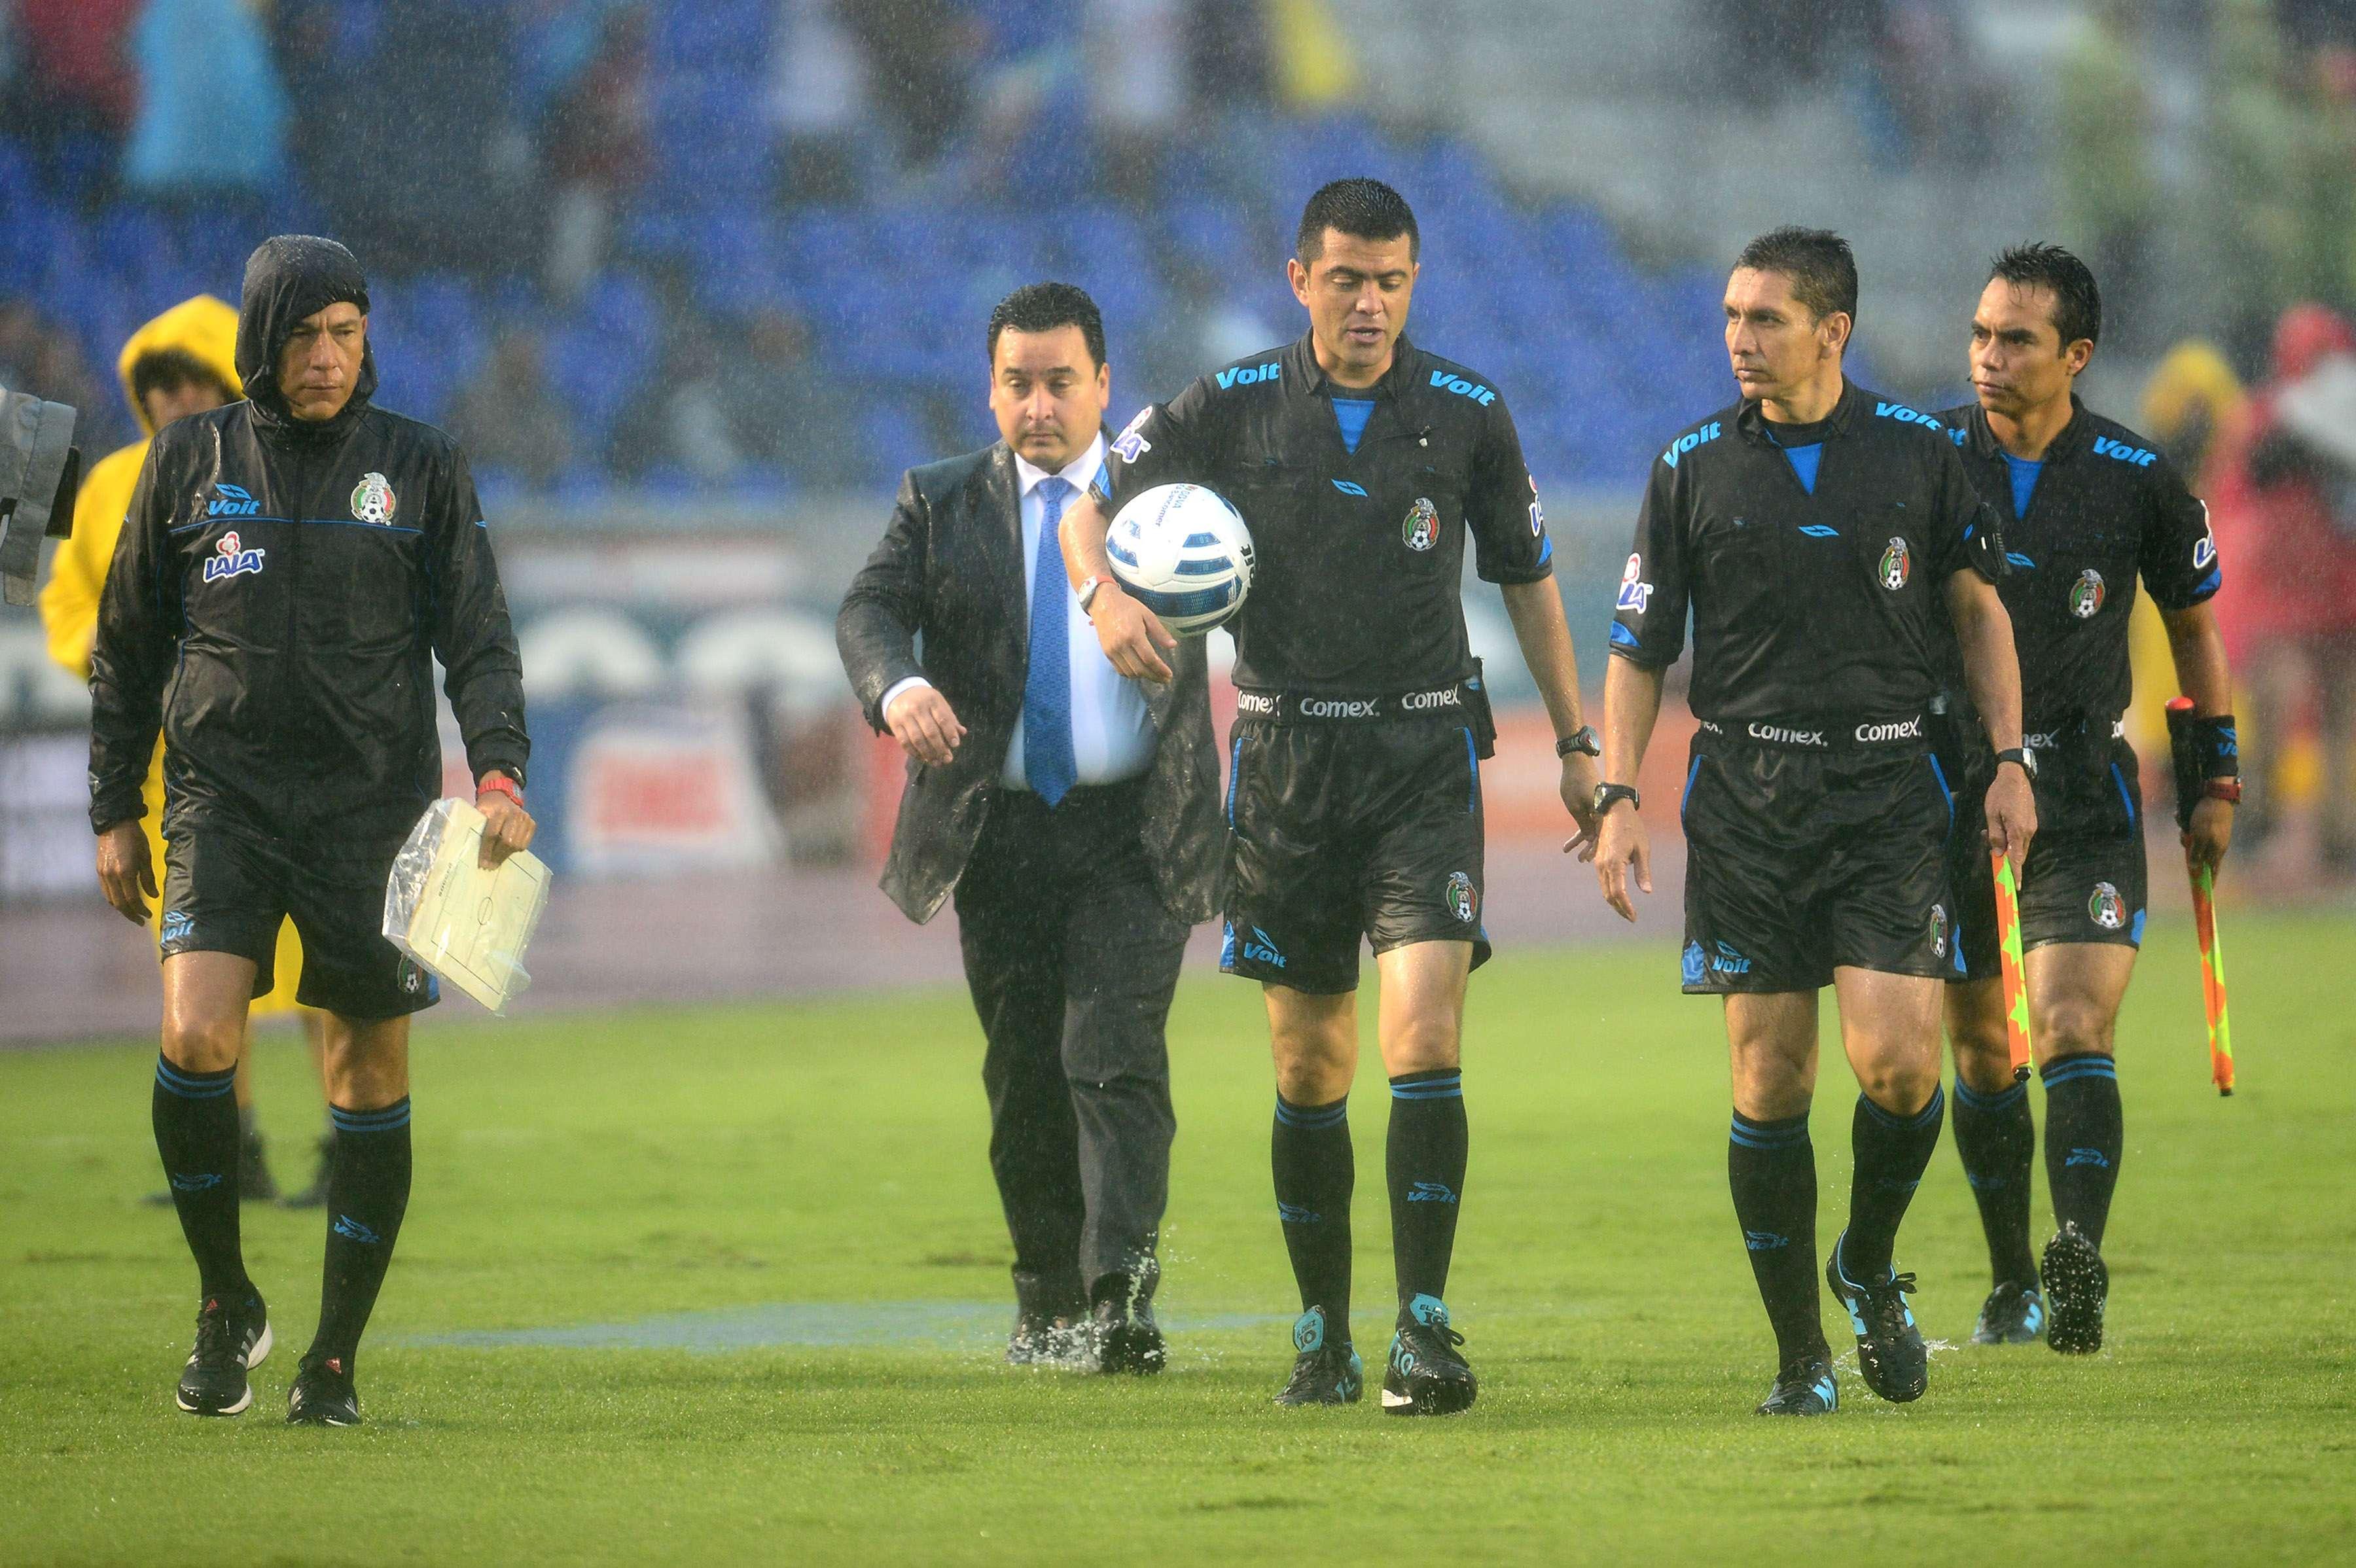 Miguel Ayala el árbitro del partido entre Rayados y Chivas. Foto: Mexsport